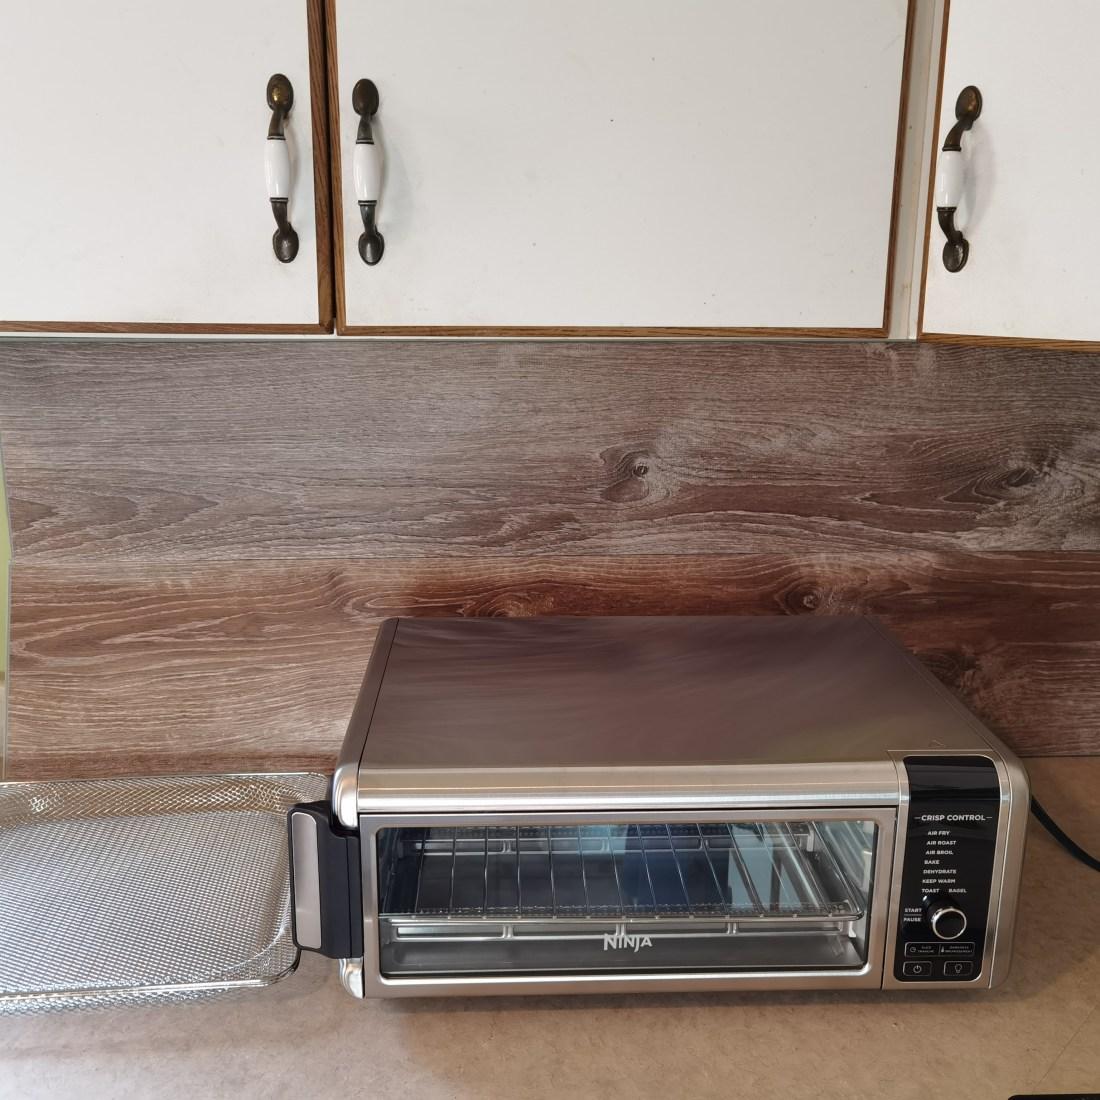 Ninja Foodi Digital Air Fry Oven